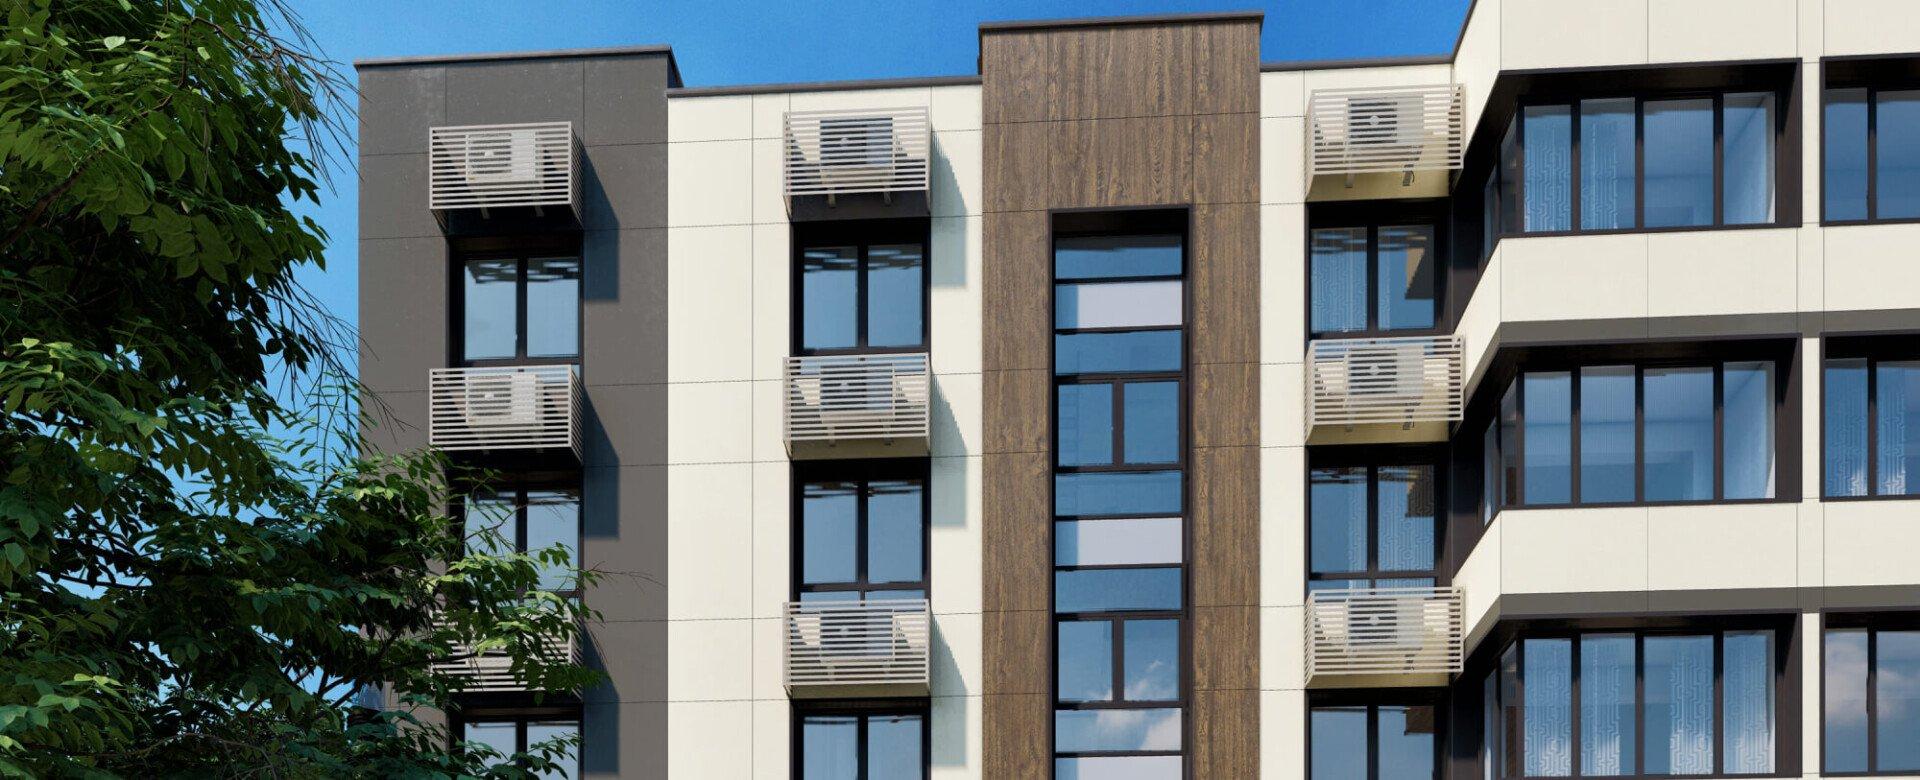 Лаконично интегрированные в окружающую среду фасады